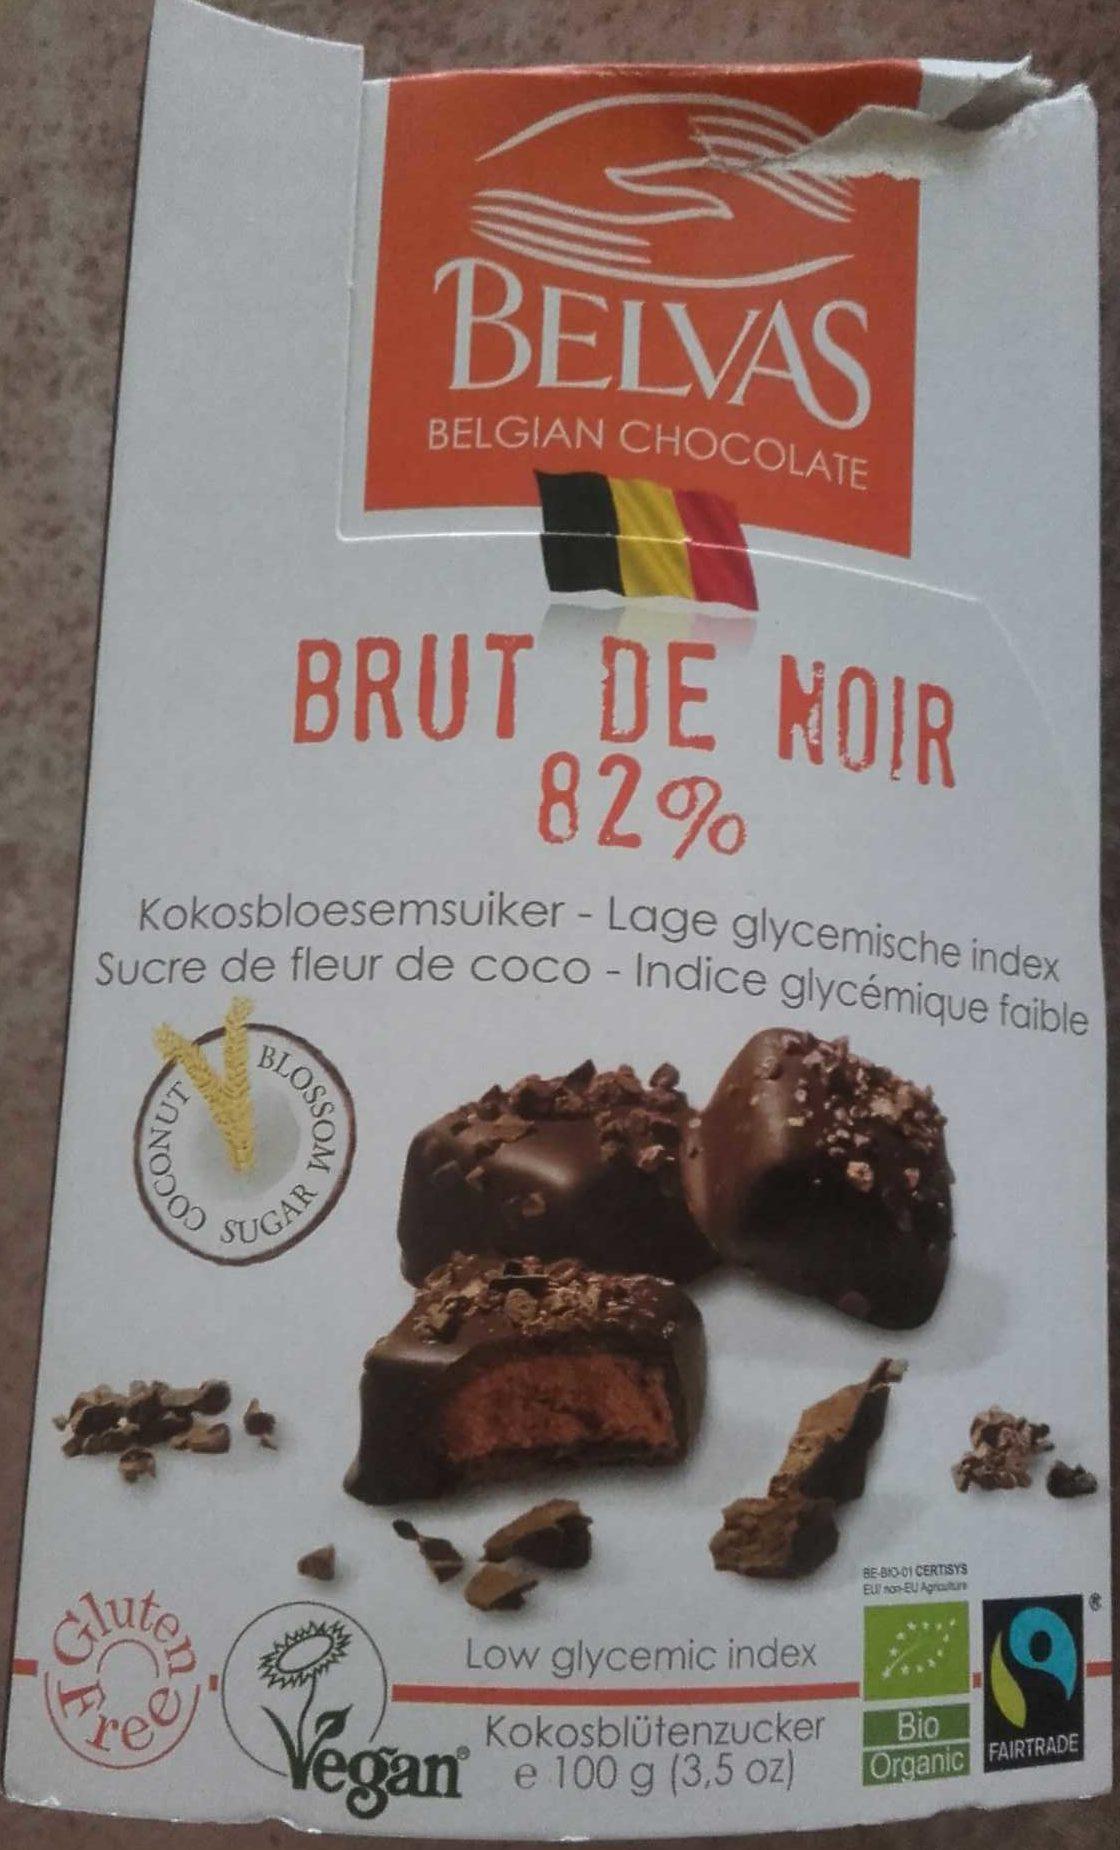 Brut de Noir 82% - Product - fr